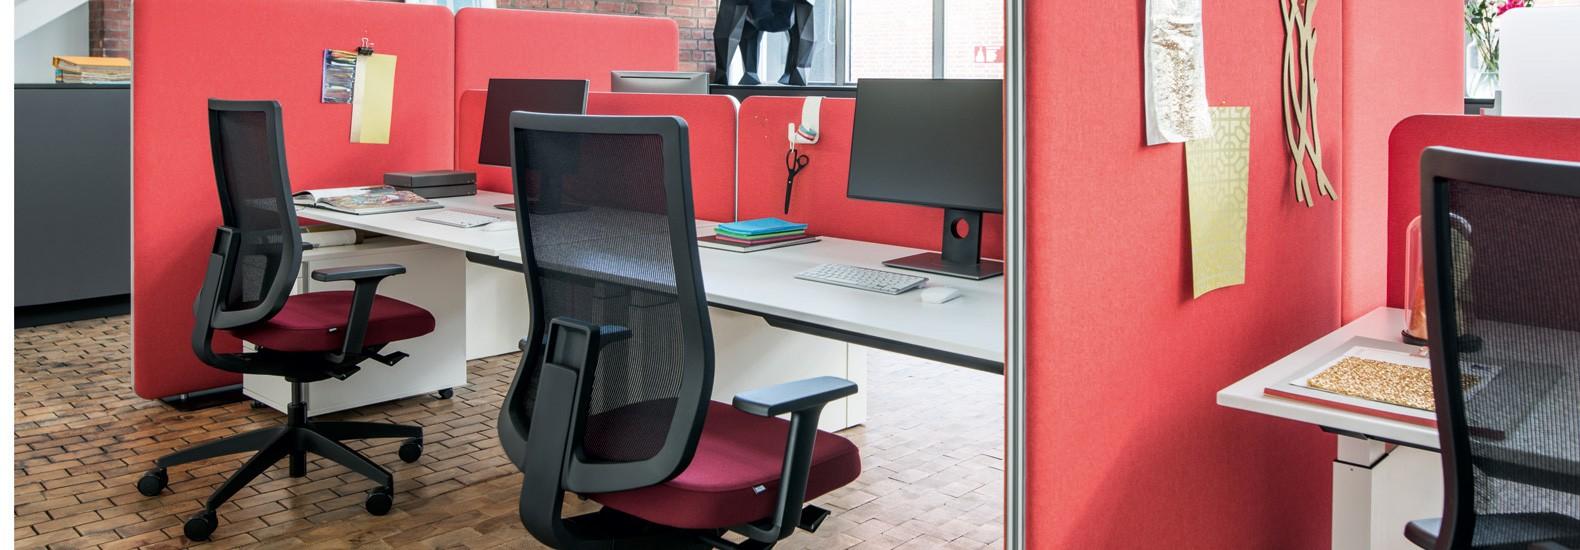 Konfigurieren Sie se:wall von Sedus Systems bei office & objekt 42 um Ihr Büro perfekt auf Sie anzupassen!